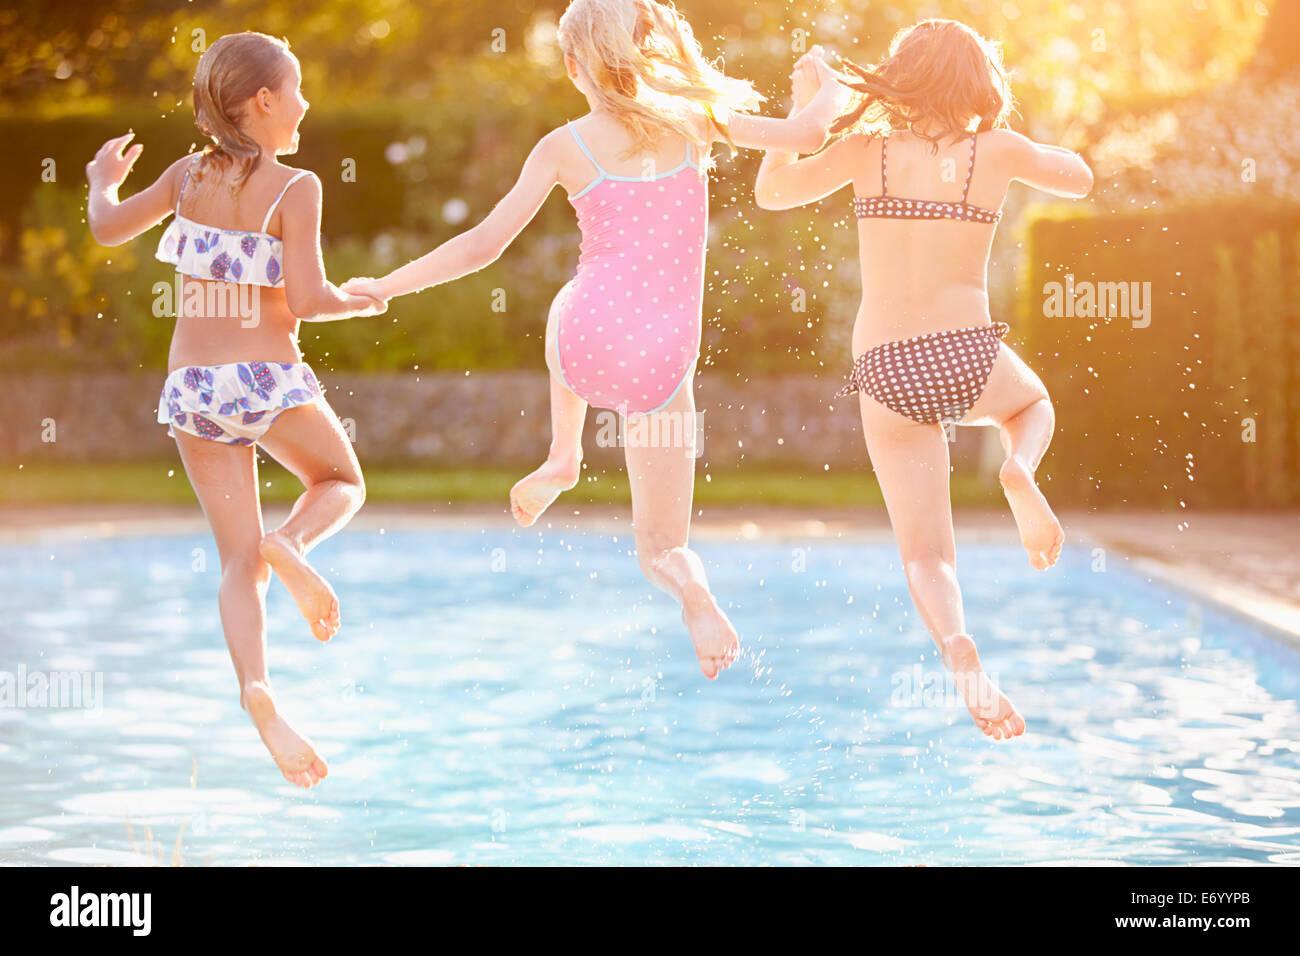 El grupo de niñas jugando en la piscina al aire libre Imagen De Stock